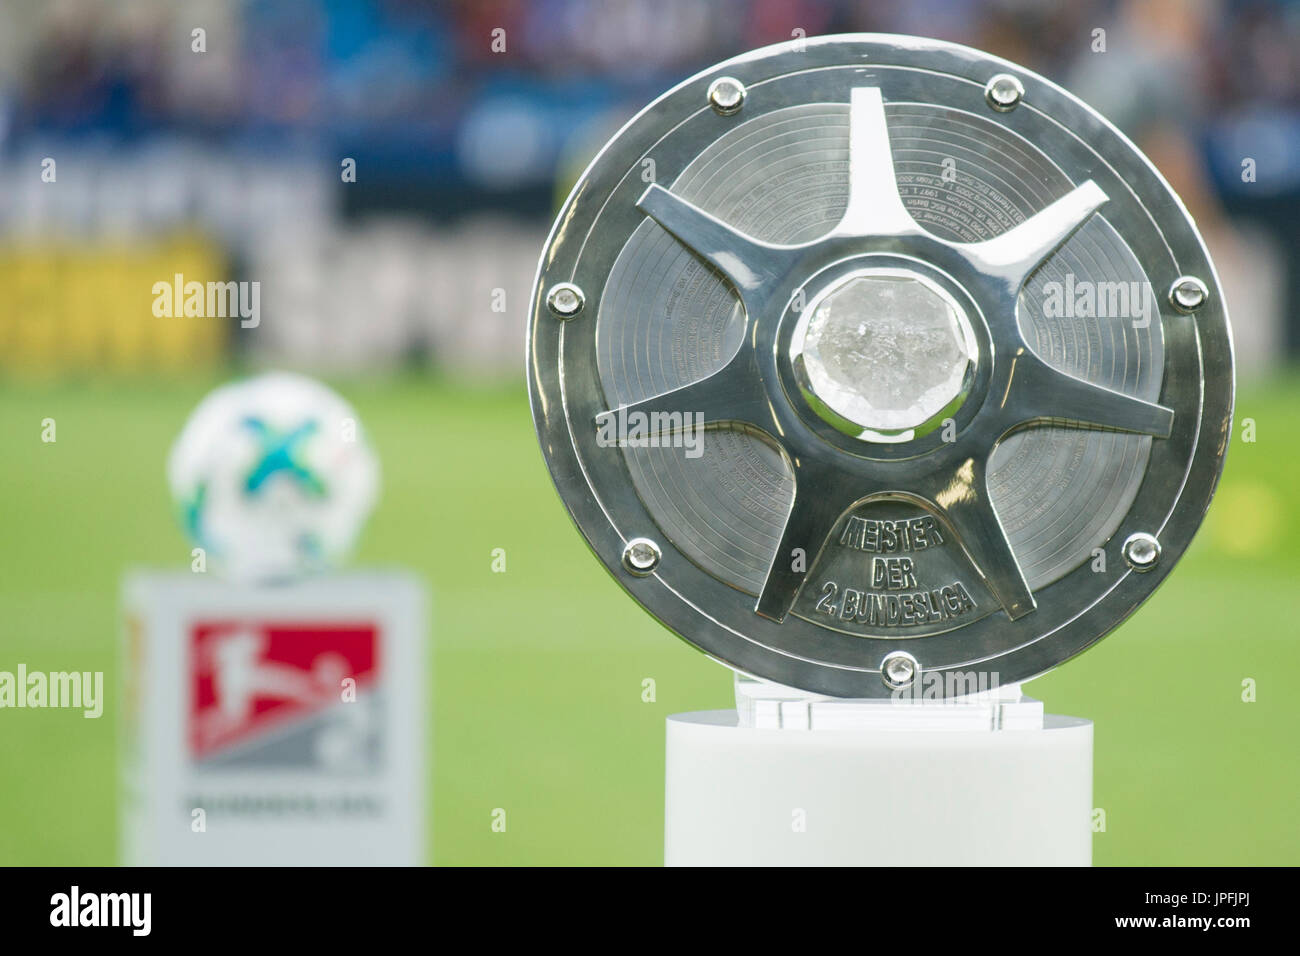 Meisterschale Der Zweiten Bundesliga Pokal Schale Fussball 2 Bundesliga 1 Spieltag Vfl Bochum Bo Fc St Pauli Hamburg Pauli 0 1 Am 28 07 2017 In Bochum Deutschland Verwendung Weltweit Stock Photo Alamy